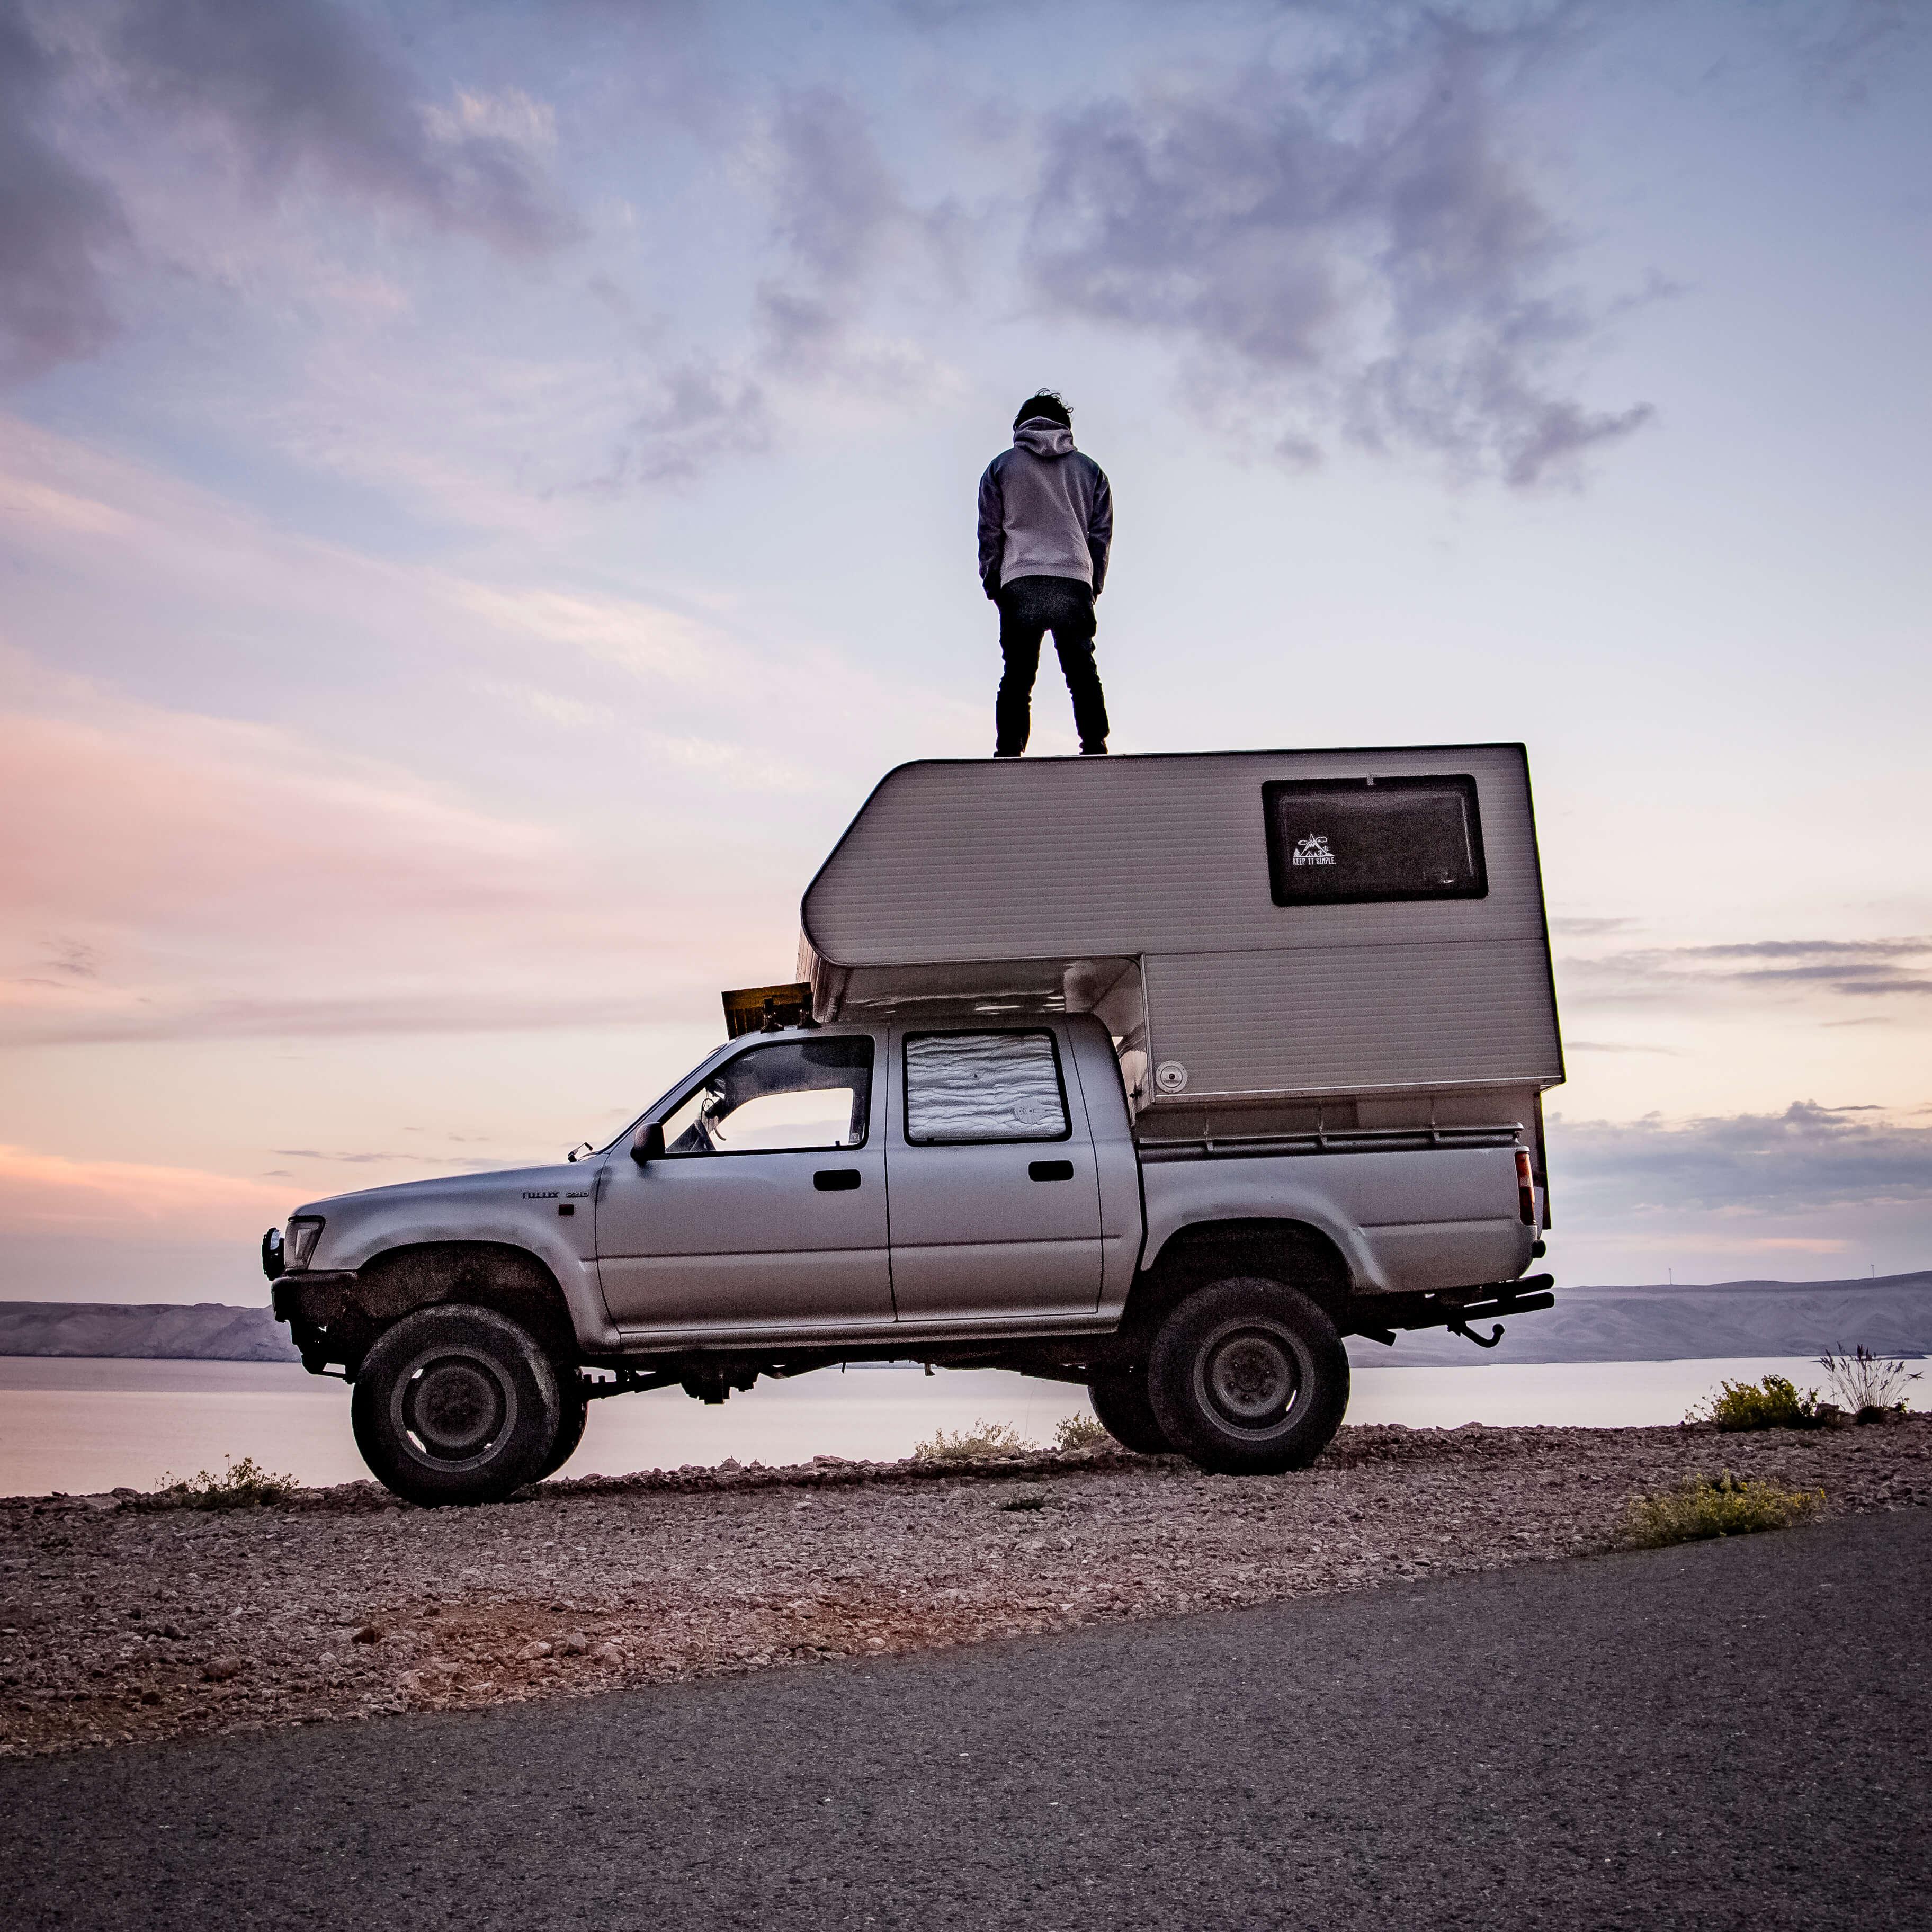 Lukas und unser Reisemobil Moose